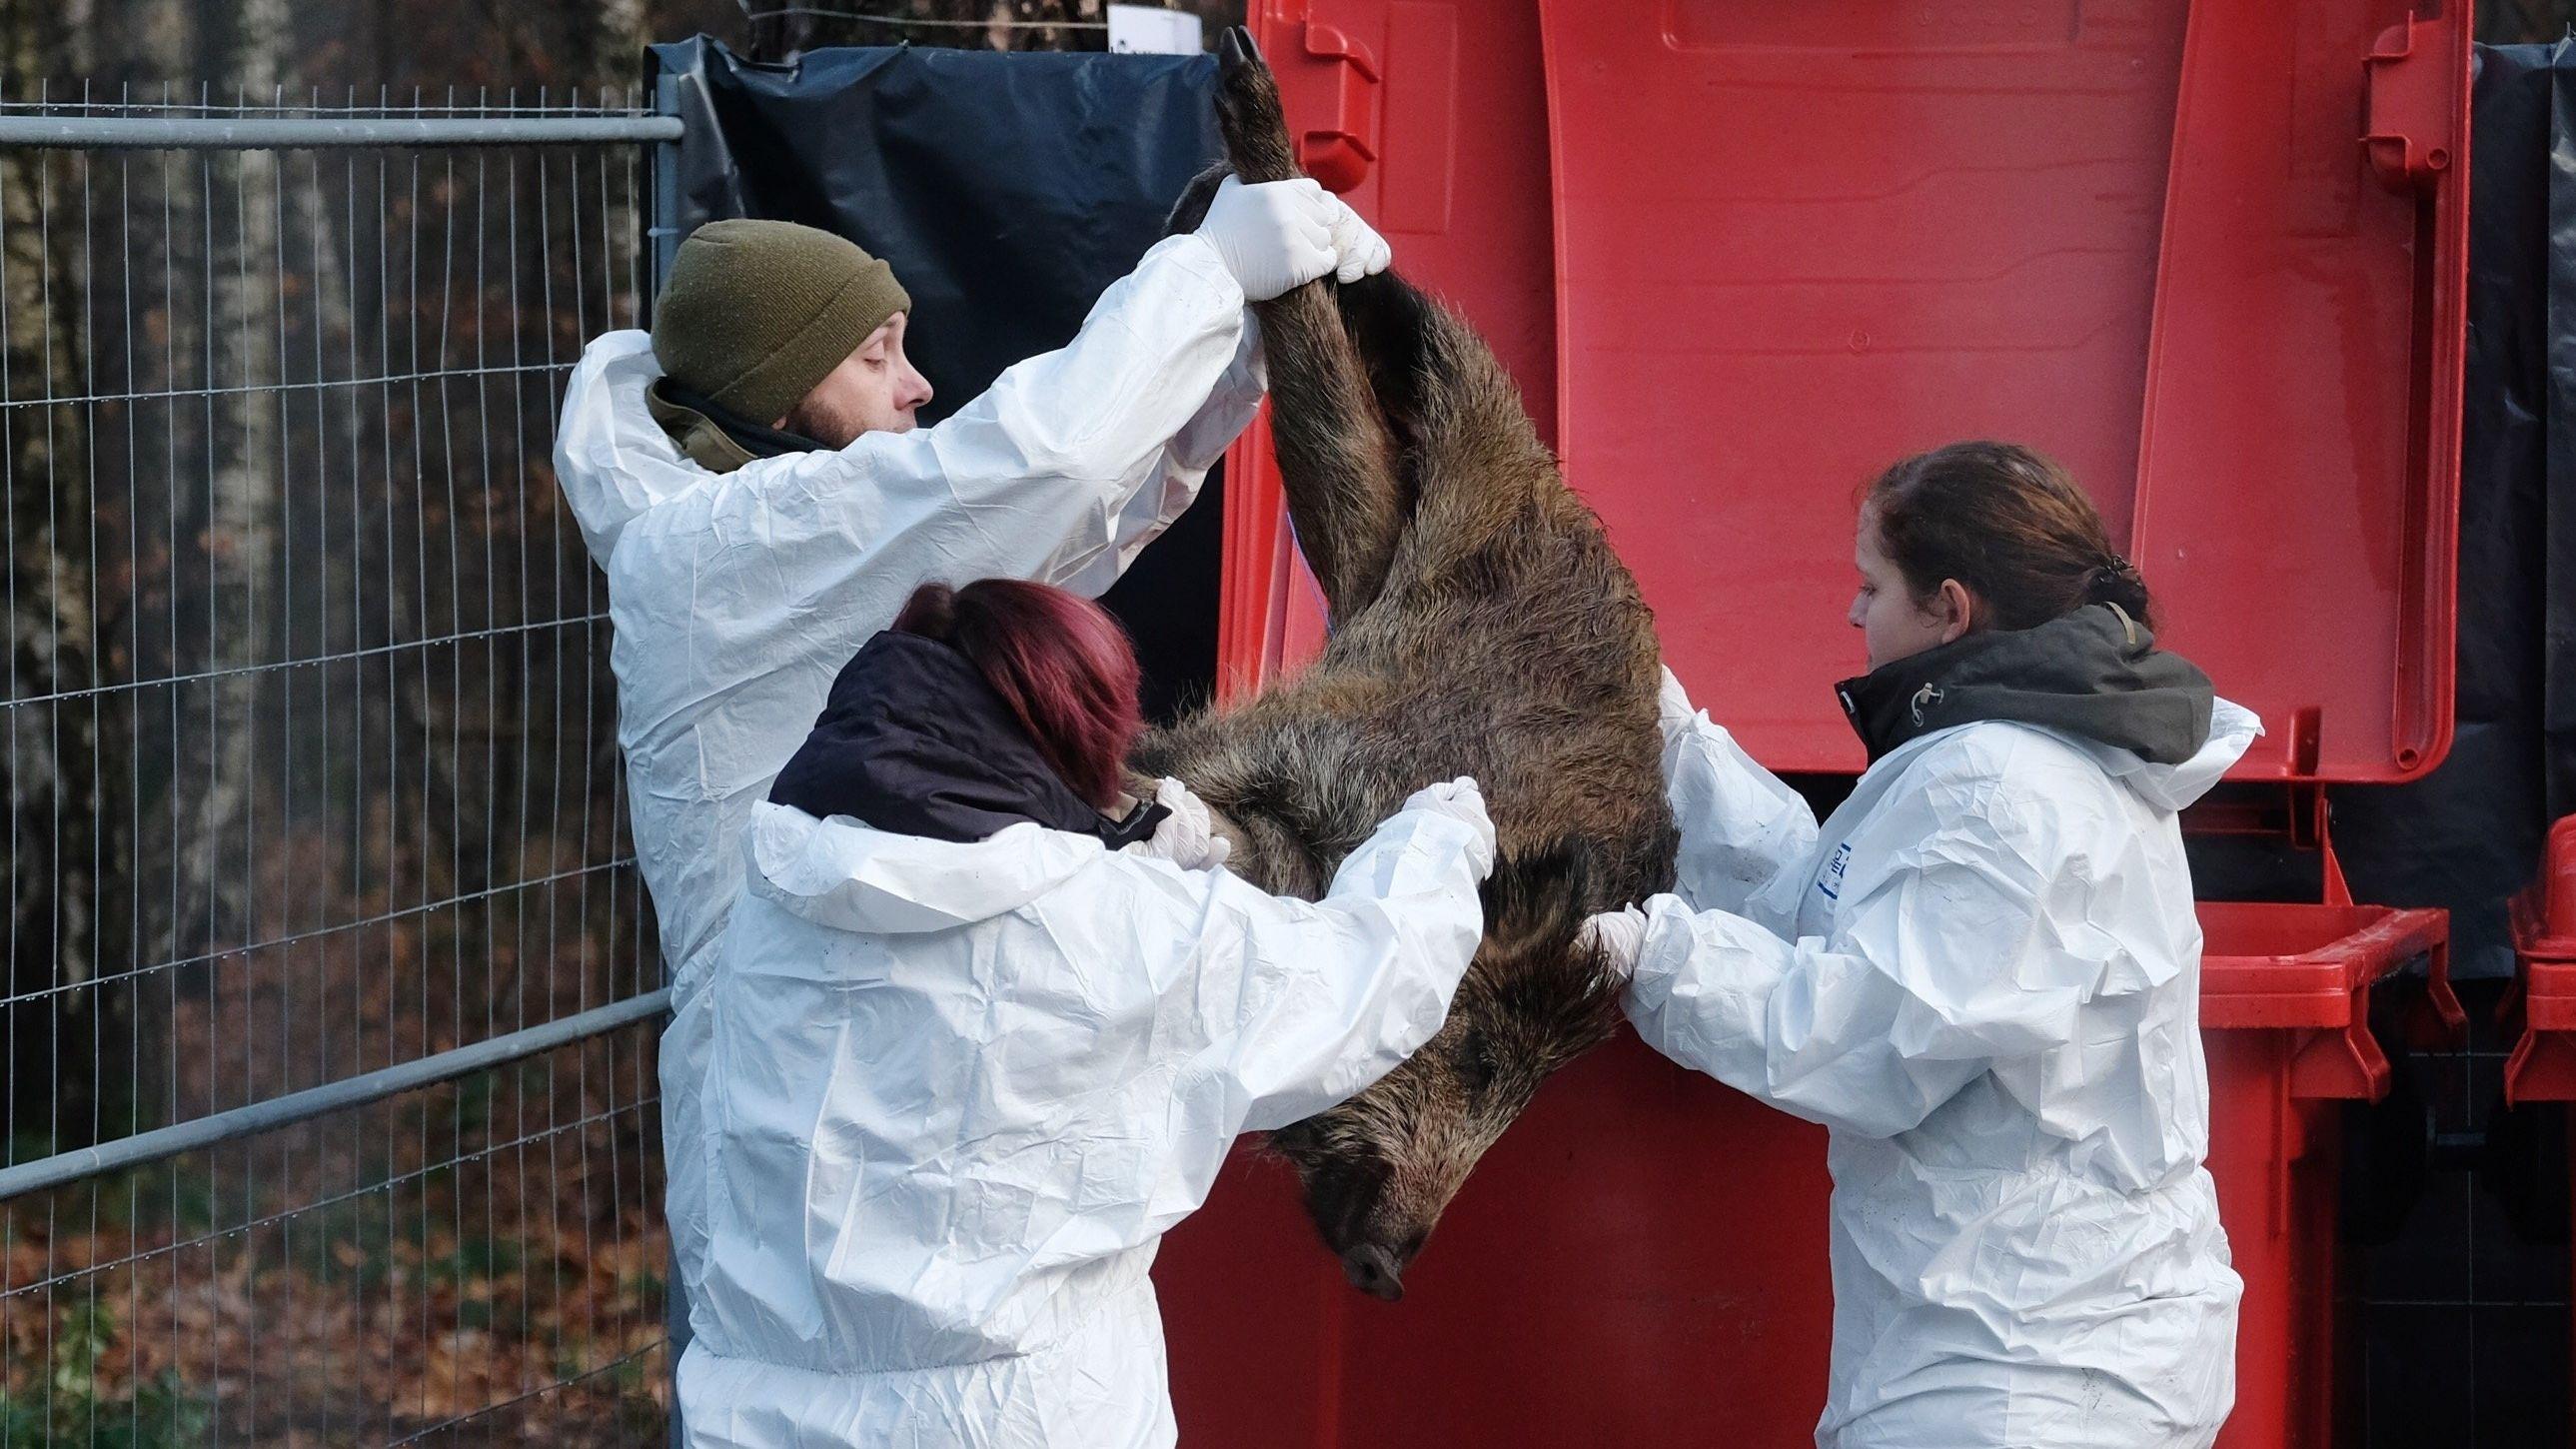 Drei Mitarbeiter eines Veterinäramtes werfen ein totes Wildschwein in eine rote Mülltonne.